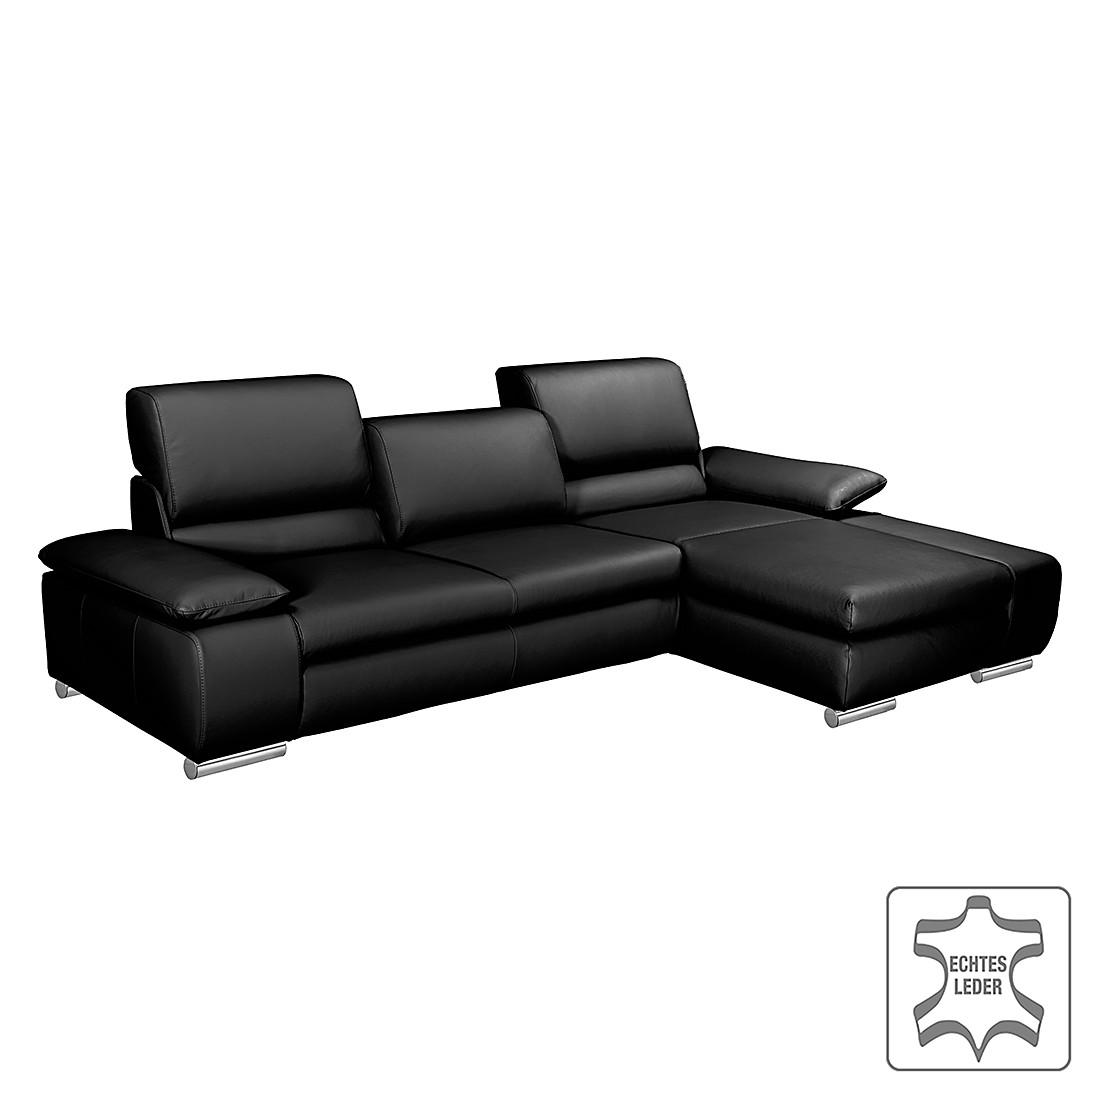 eckbankgruppe penaflor ii echtleder beige freiform rechts loftscape g nstig online kaufen. Black Bedroom Furniture Sets. Home Design Ideas